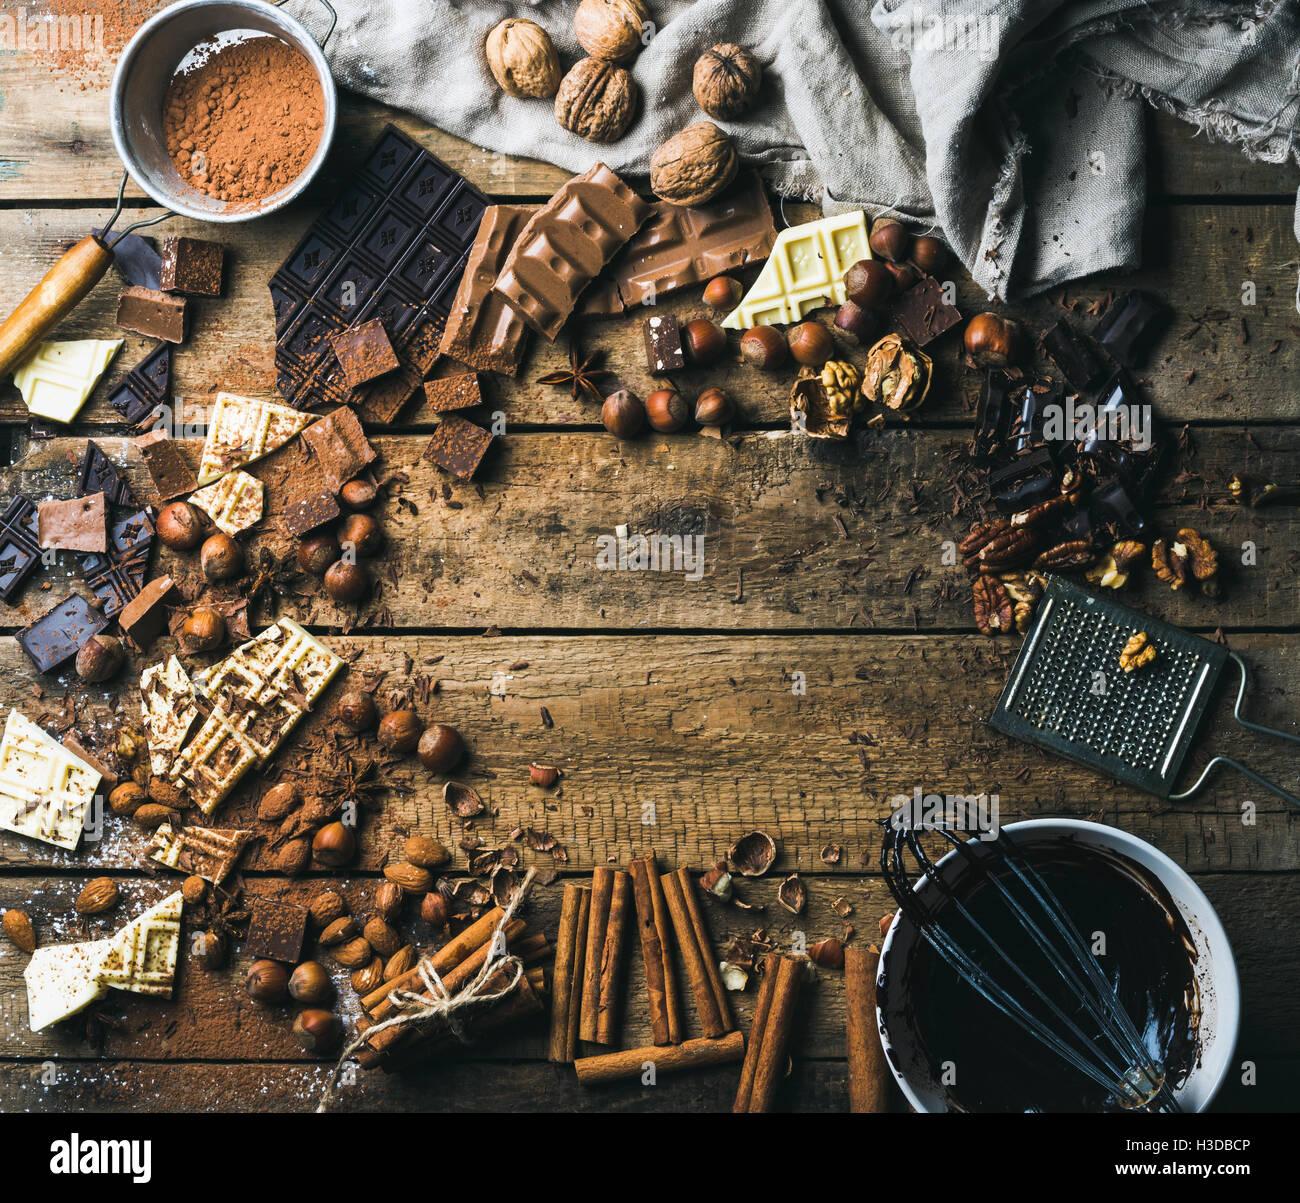 Fondo con chocolate, nueces y especias sobre fondo de madera Imagen De Stock